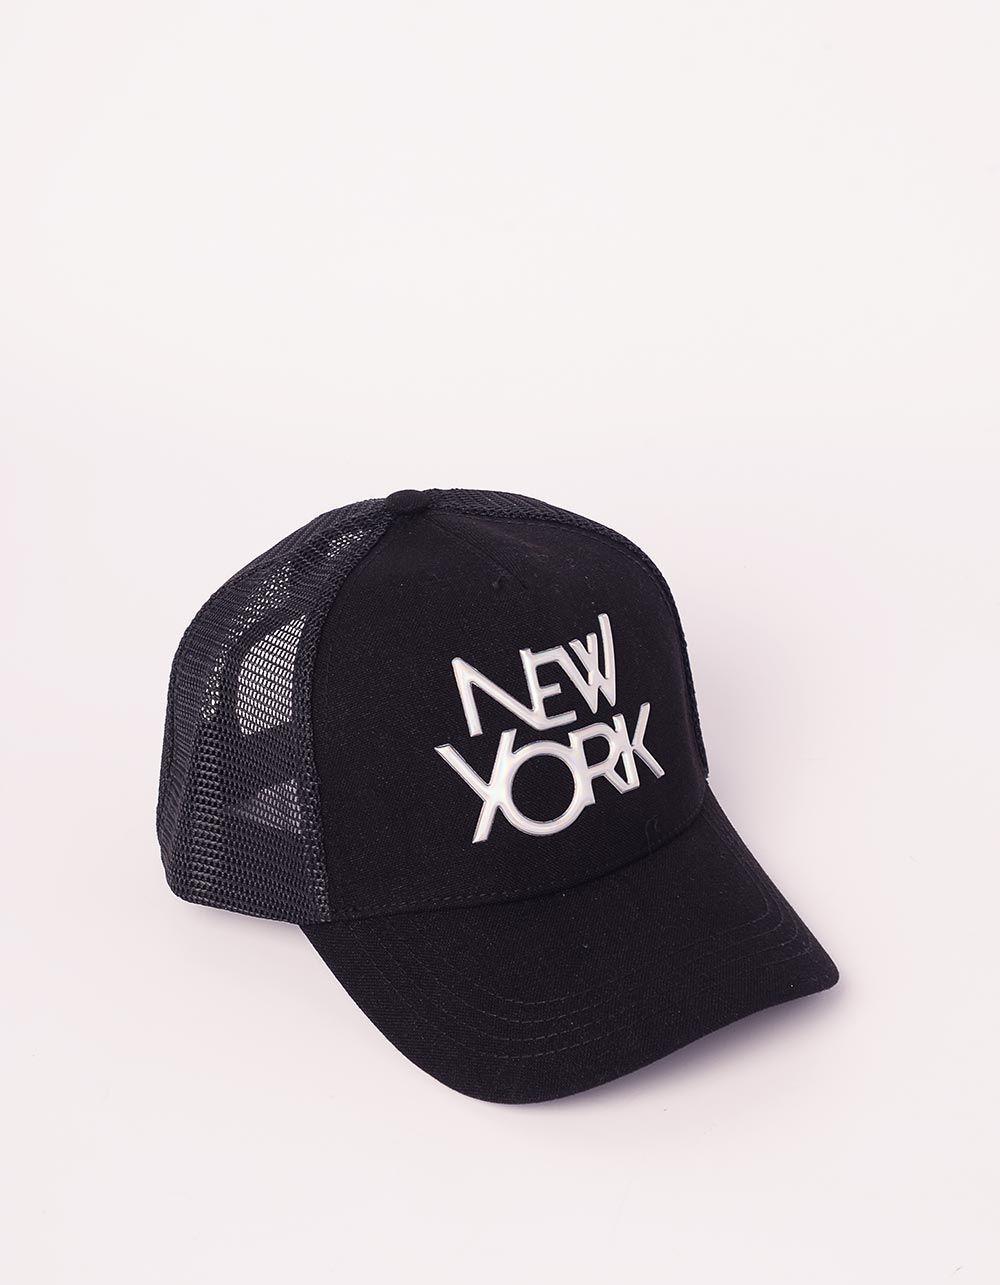 Бейсболка з написом NEW YORK   240880-21-XX